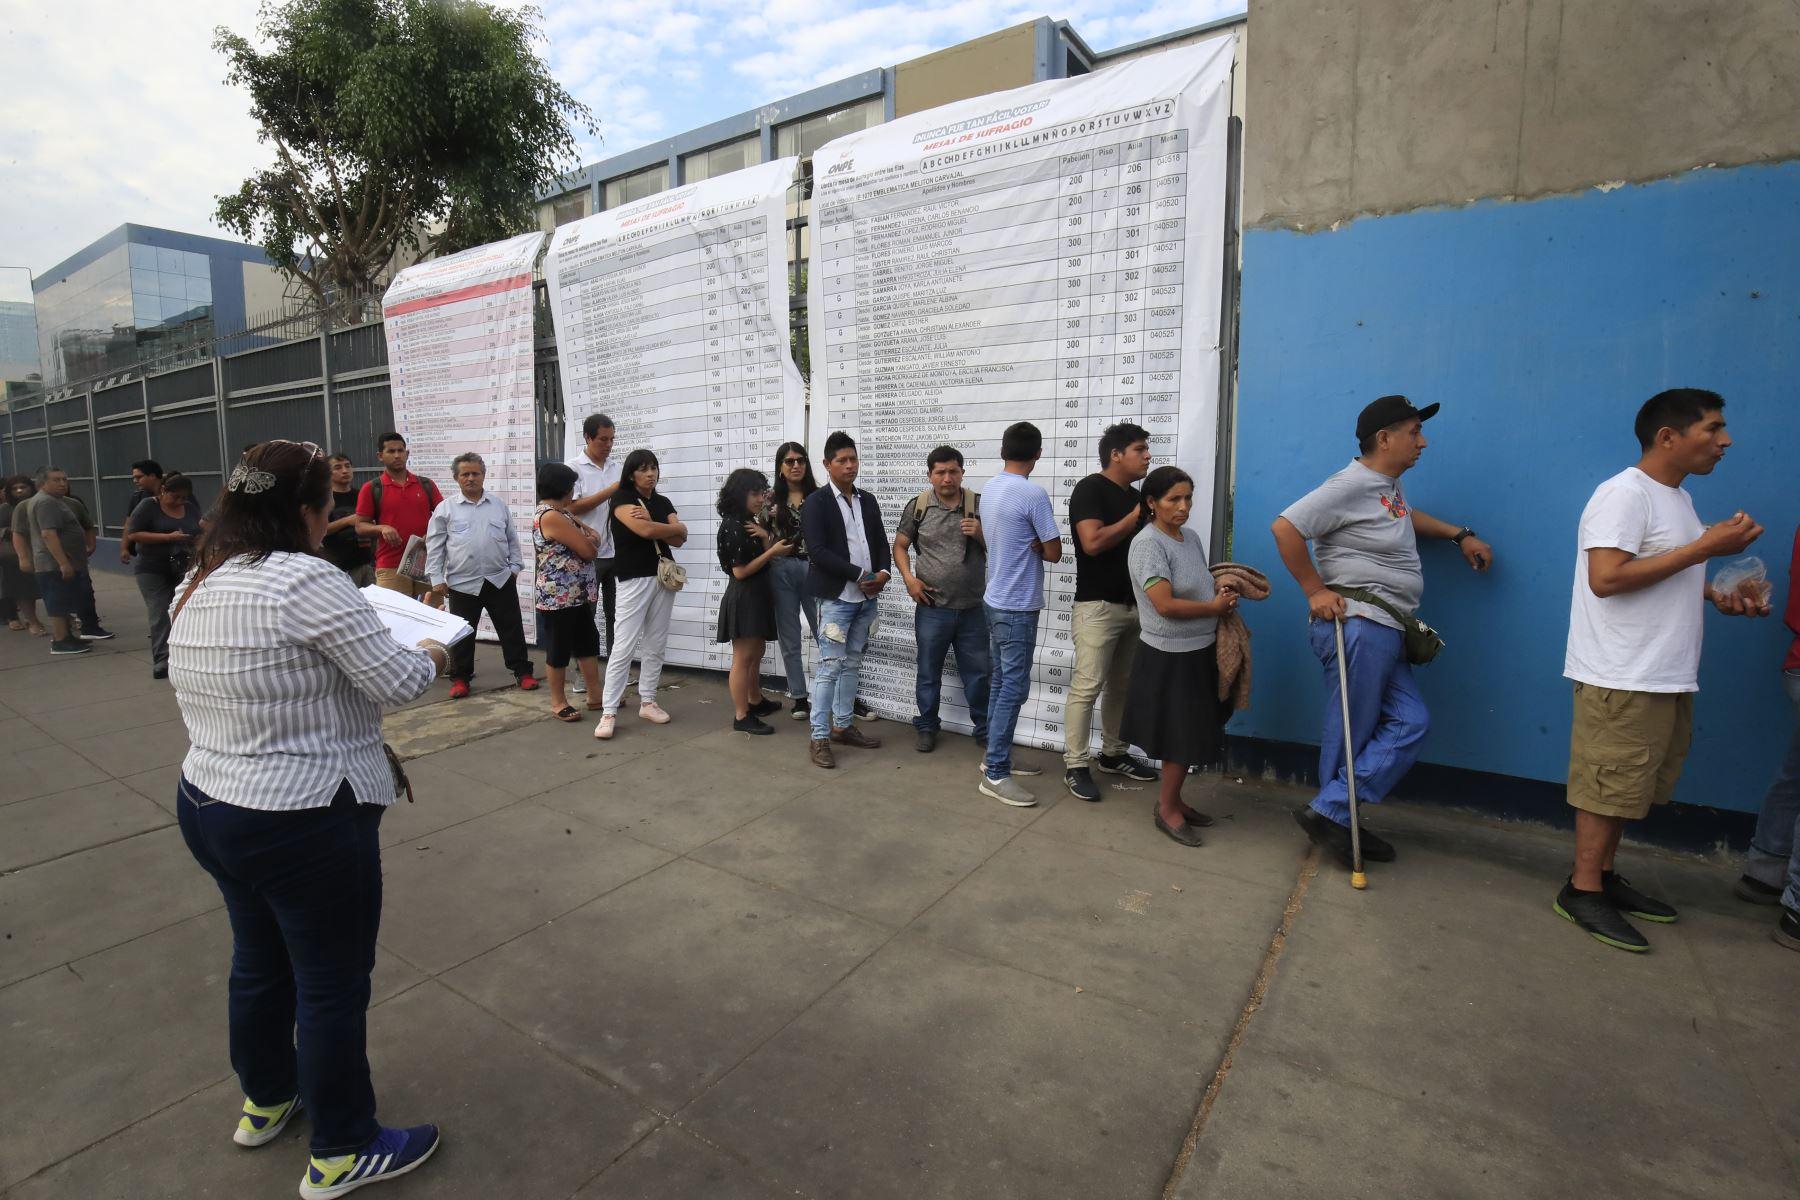 Primeros electores llegan al centro educativo Melitón Carbajal, para emitir su voto en las Elecciones Congresales Extraordinarias 2020. Foto: ANDINA/Juan Carlos Guzmán.